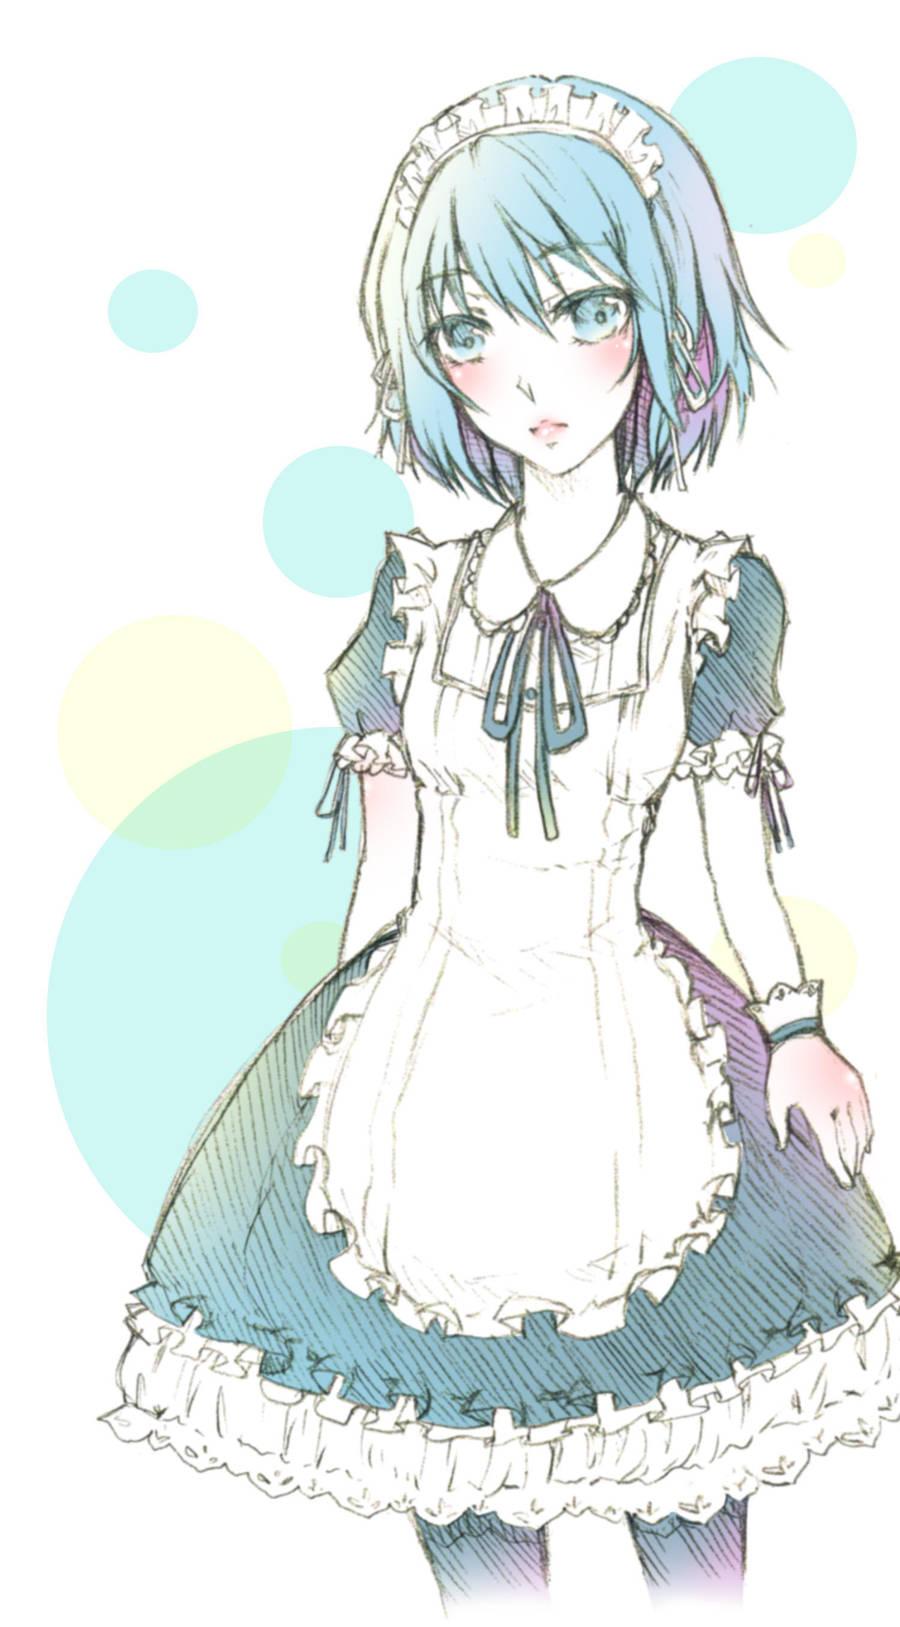 Kuroko no Basket - Maid Kuroko by mirror-bluemoon